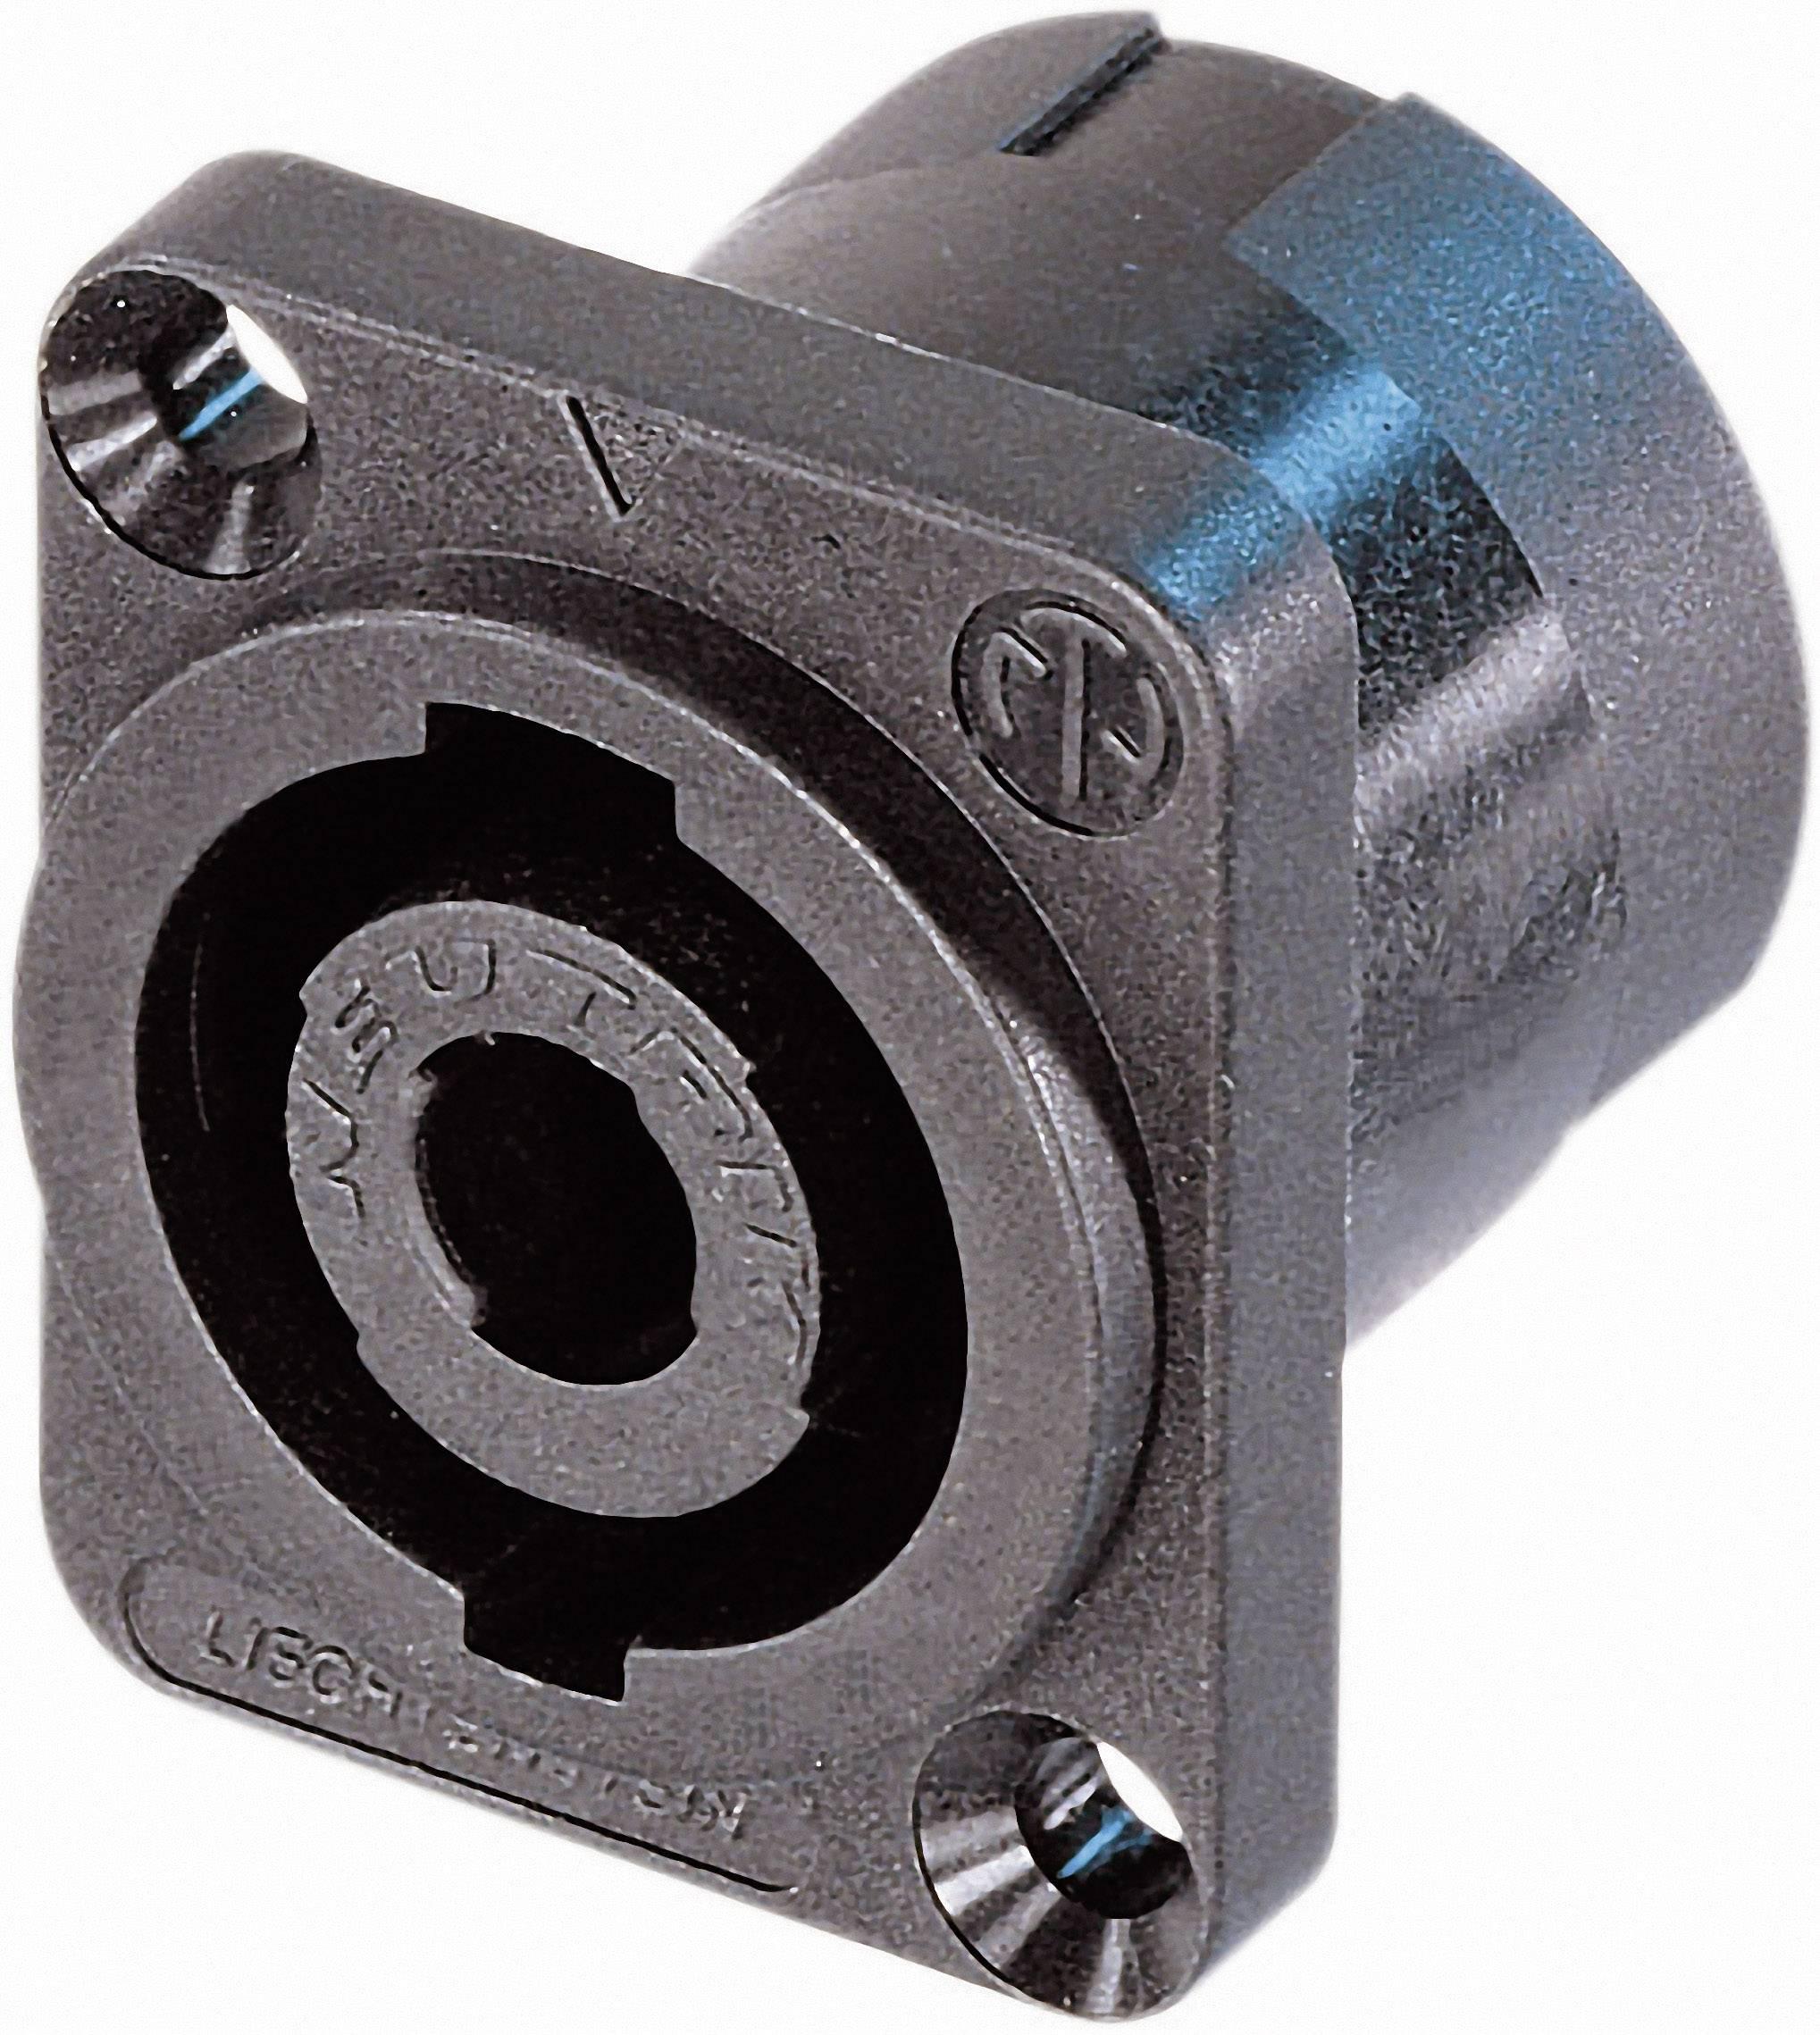 Konektor reproduktoru prírubová zásuvka, rovná Neutrik NL4MP-ST, počet pinov: 4, čierna, 1 ks